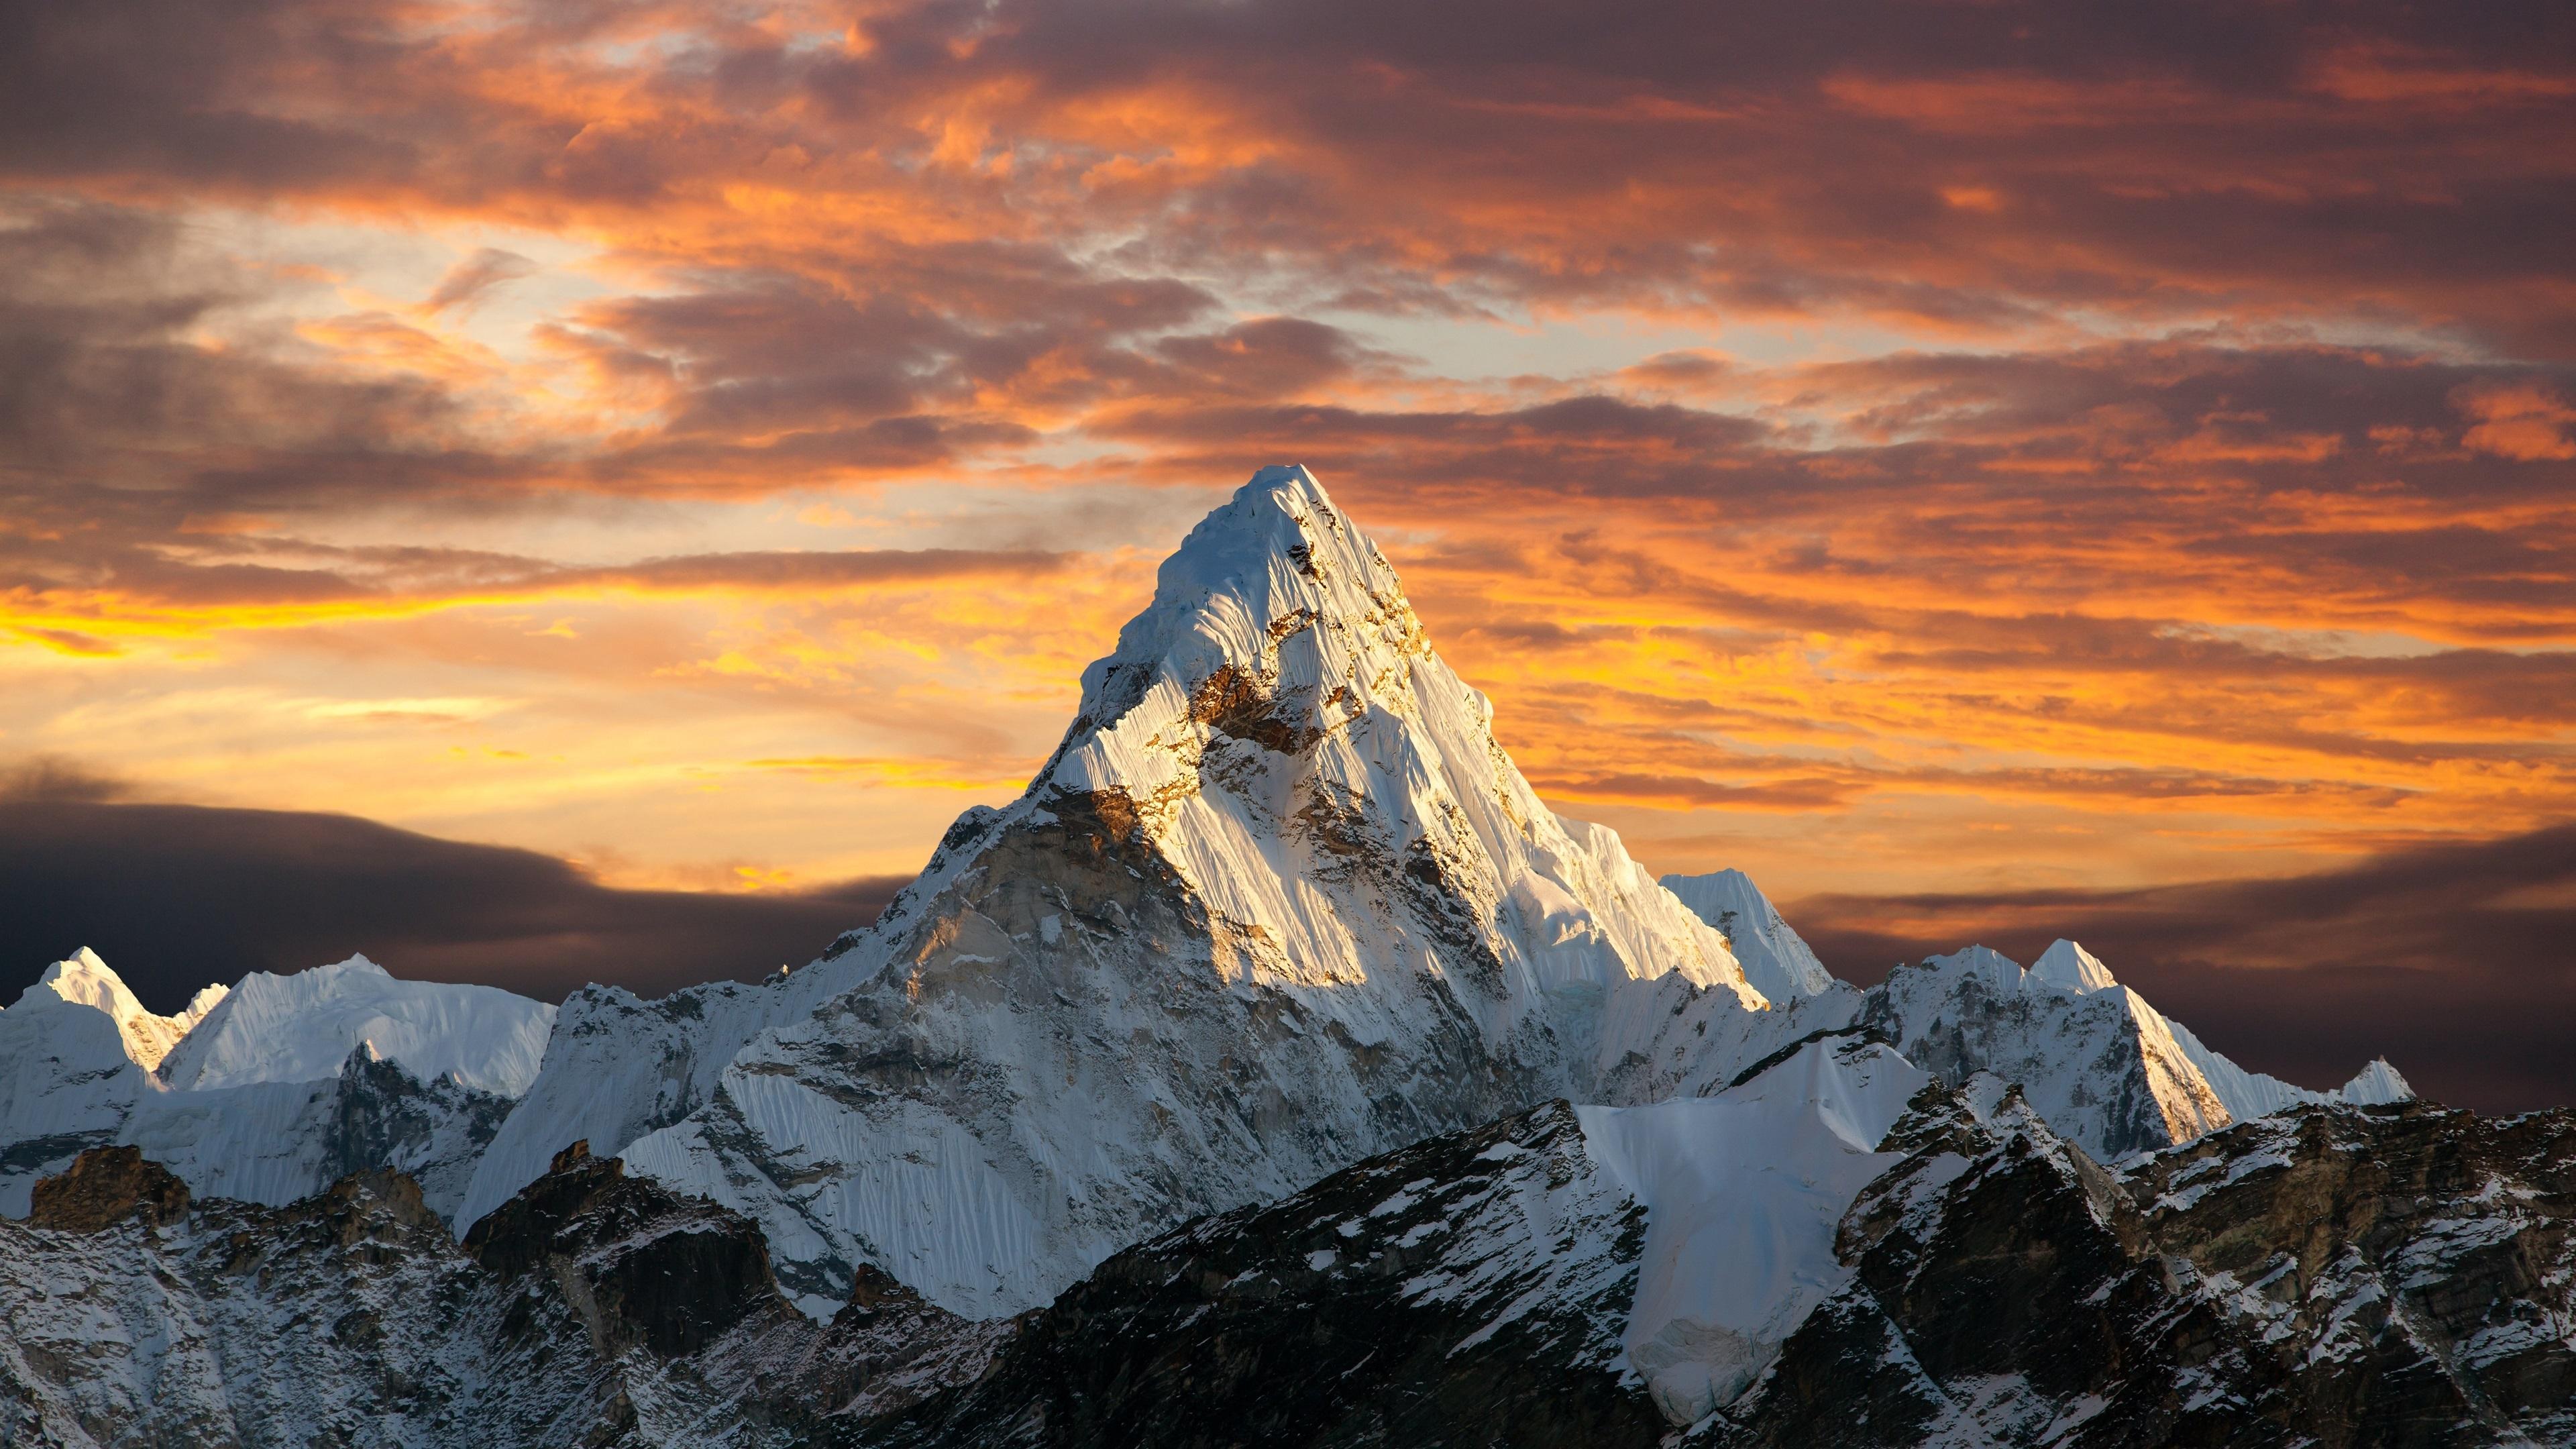 General 3840x2160 clouds sunset mountains Alps Matterhorn nature